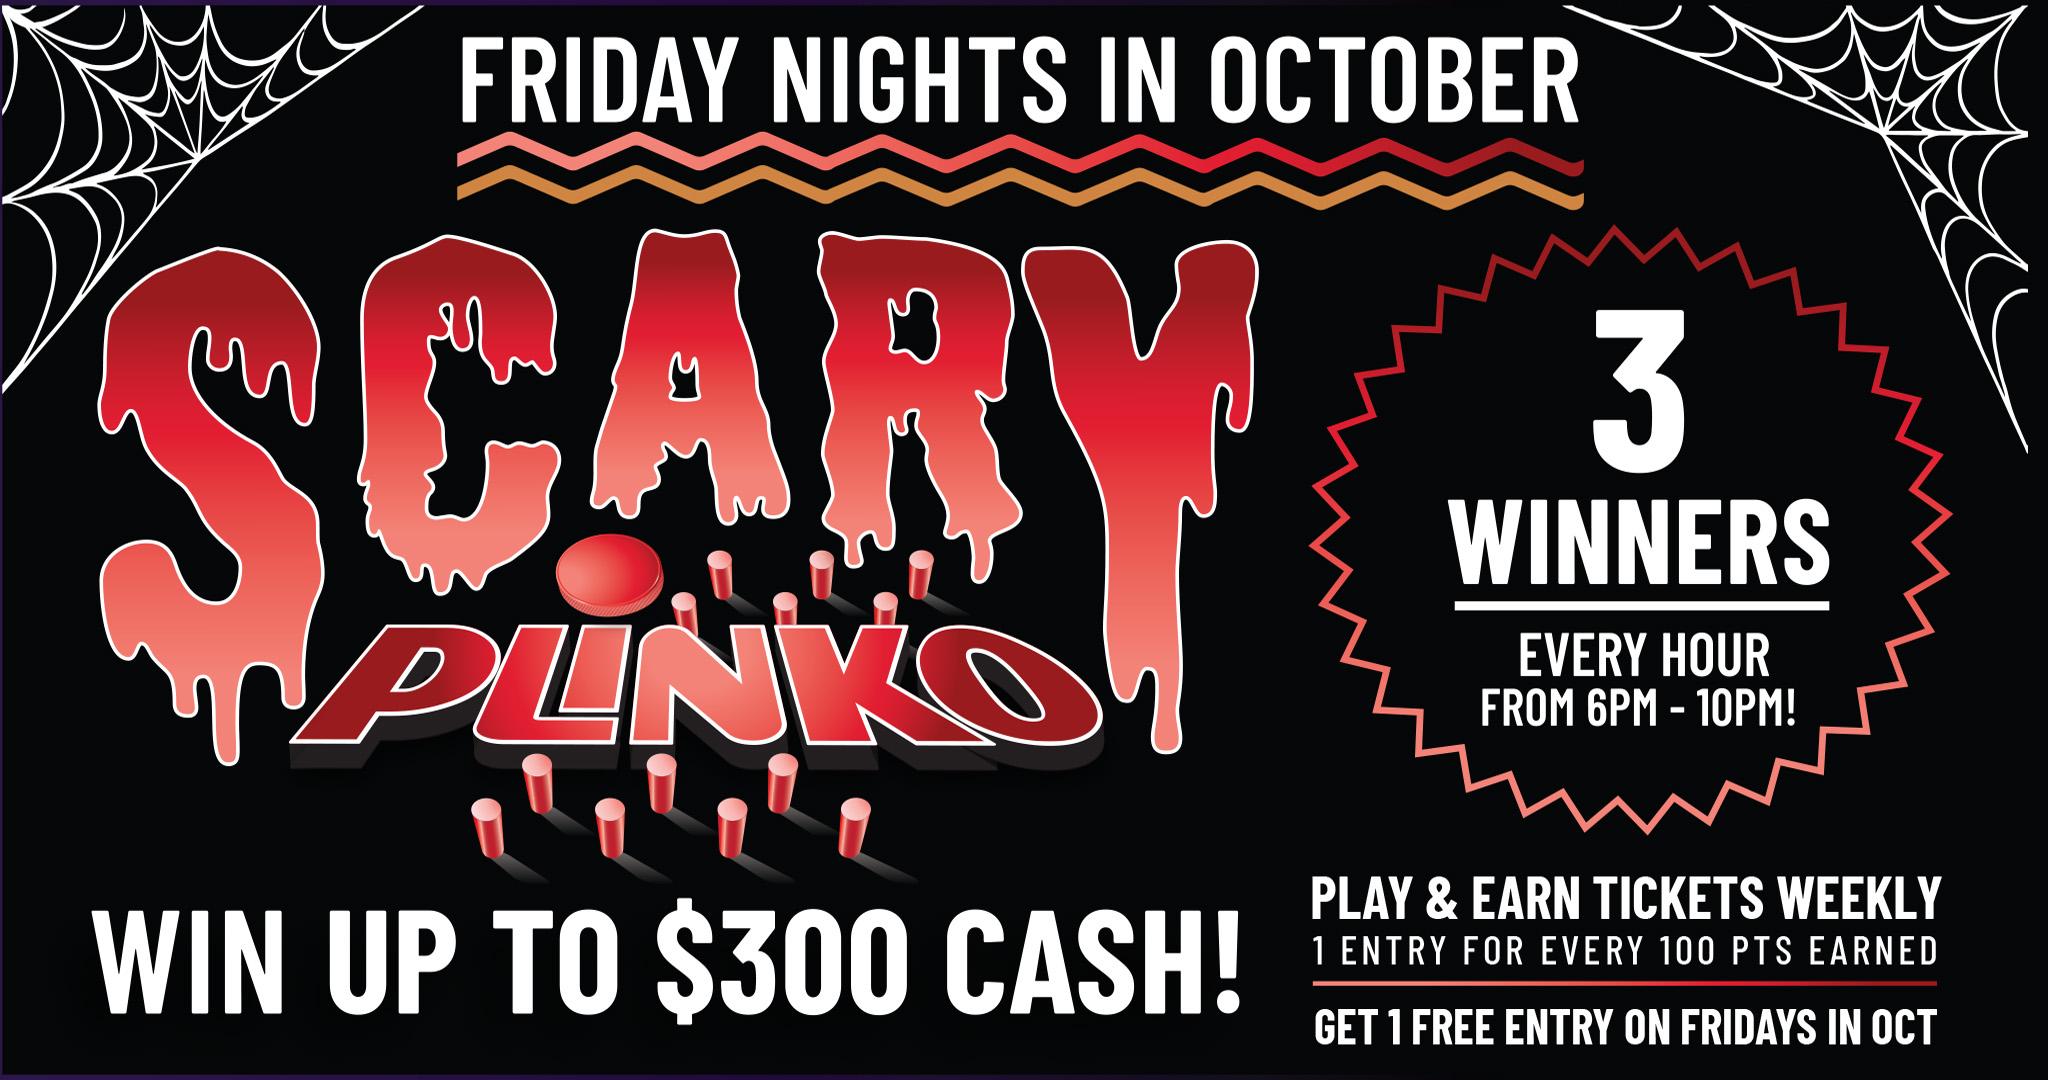 Wanaaha Casino Scary Plinko